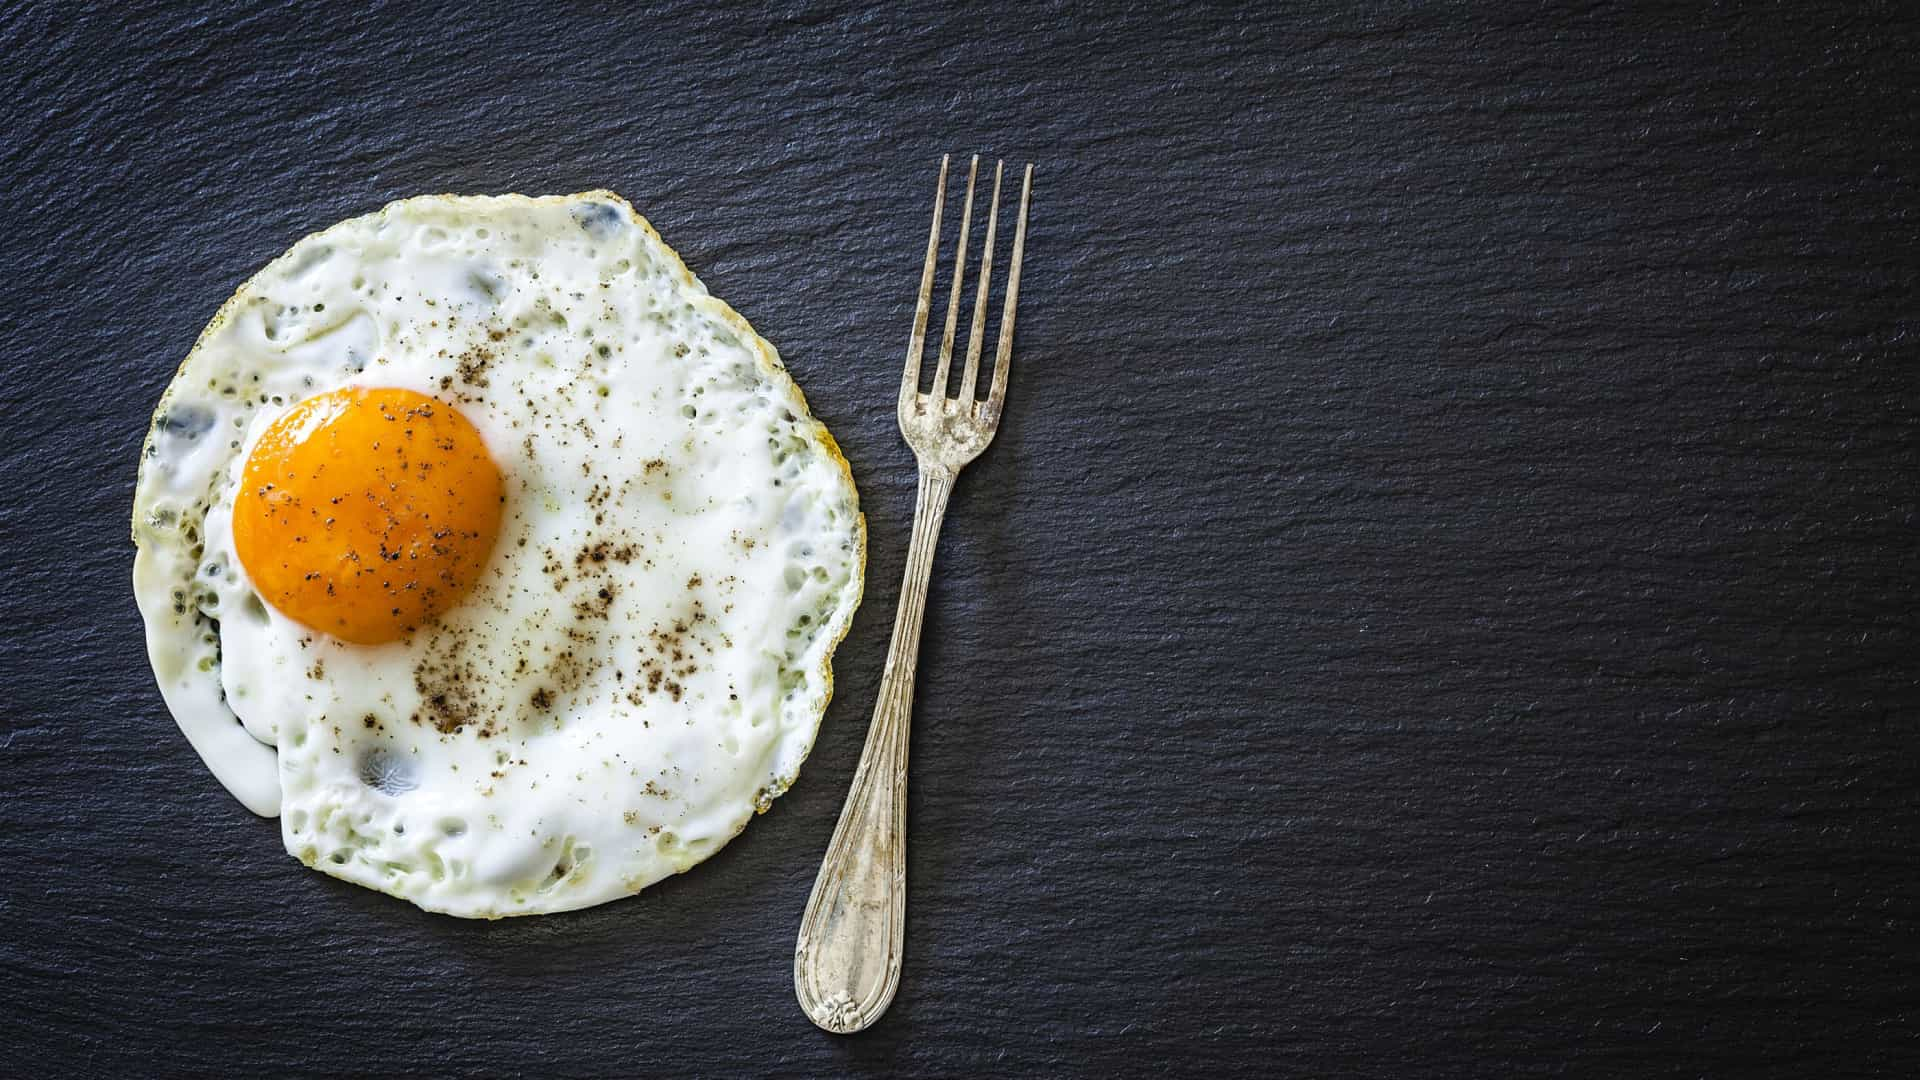 O leitor perguntou: Afinal, quantos ovos devo comer por dia?